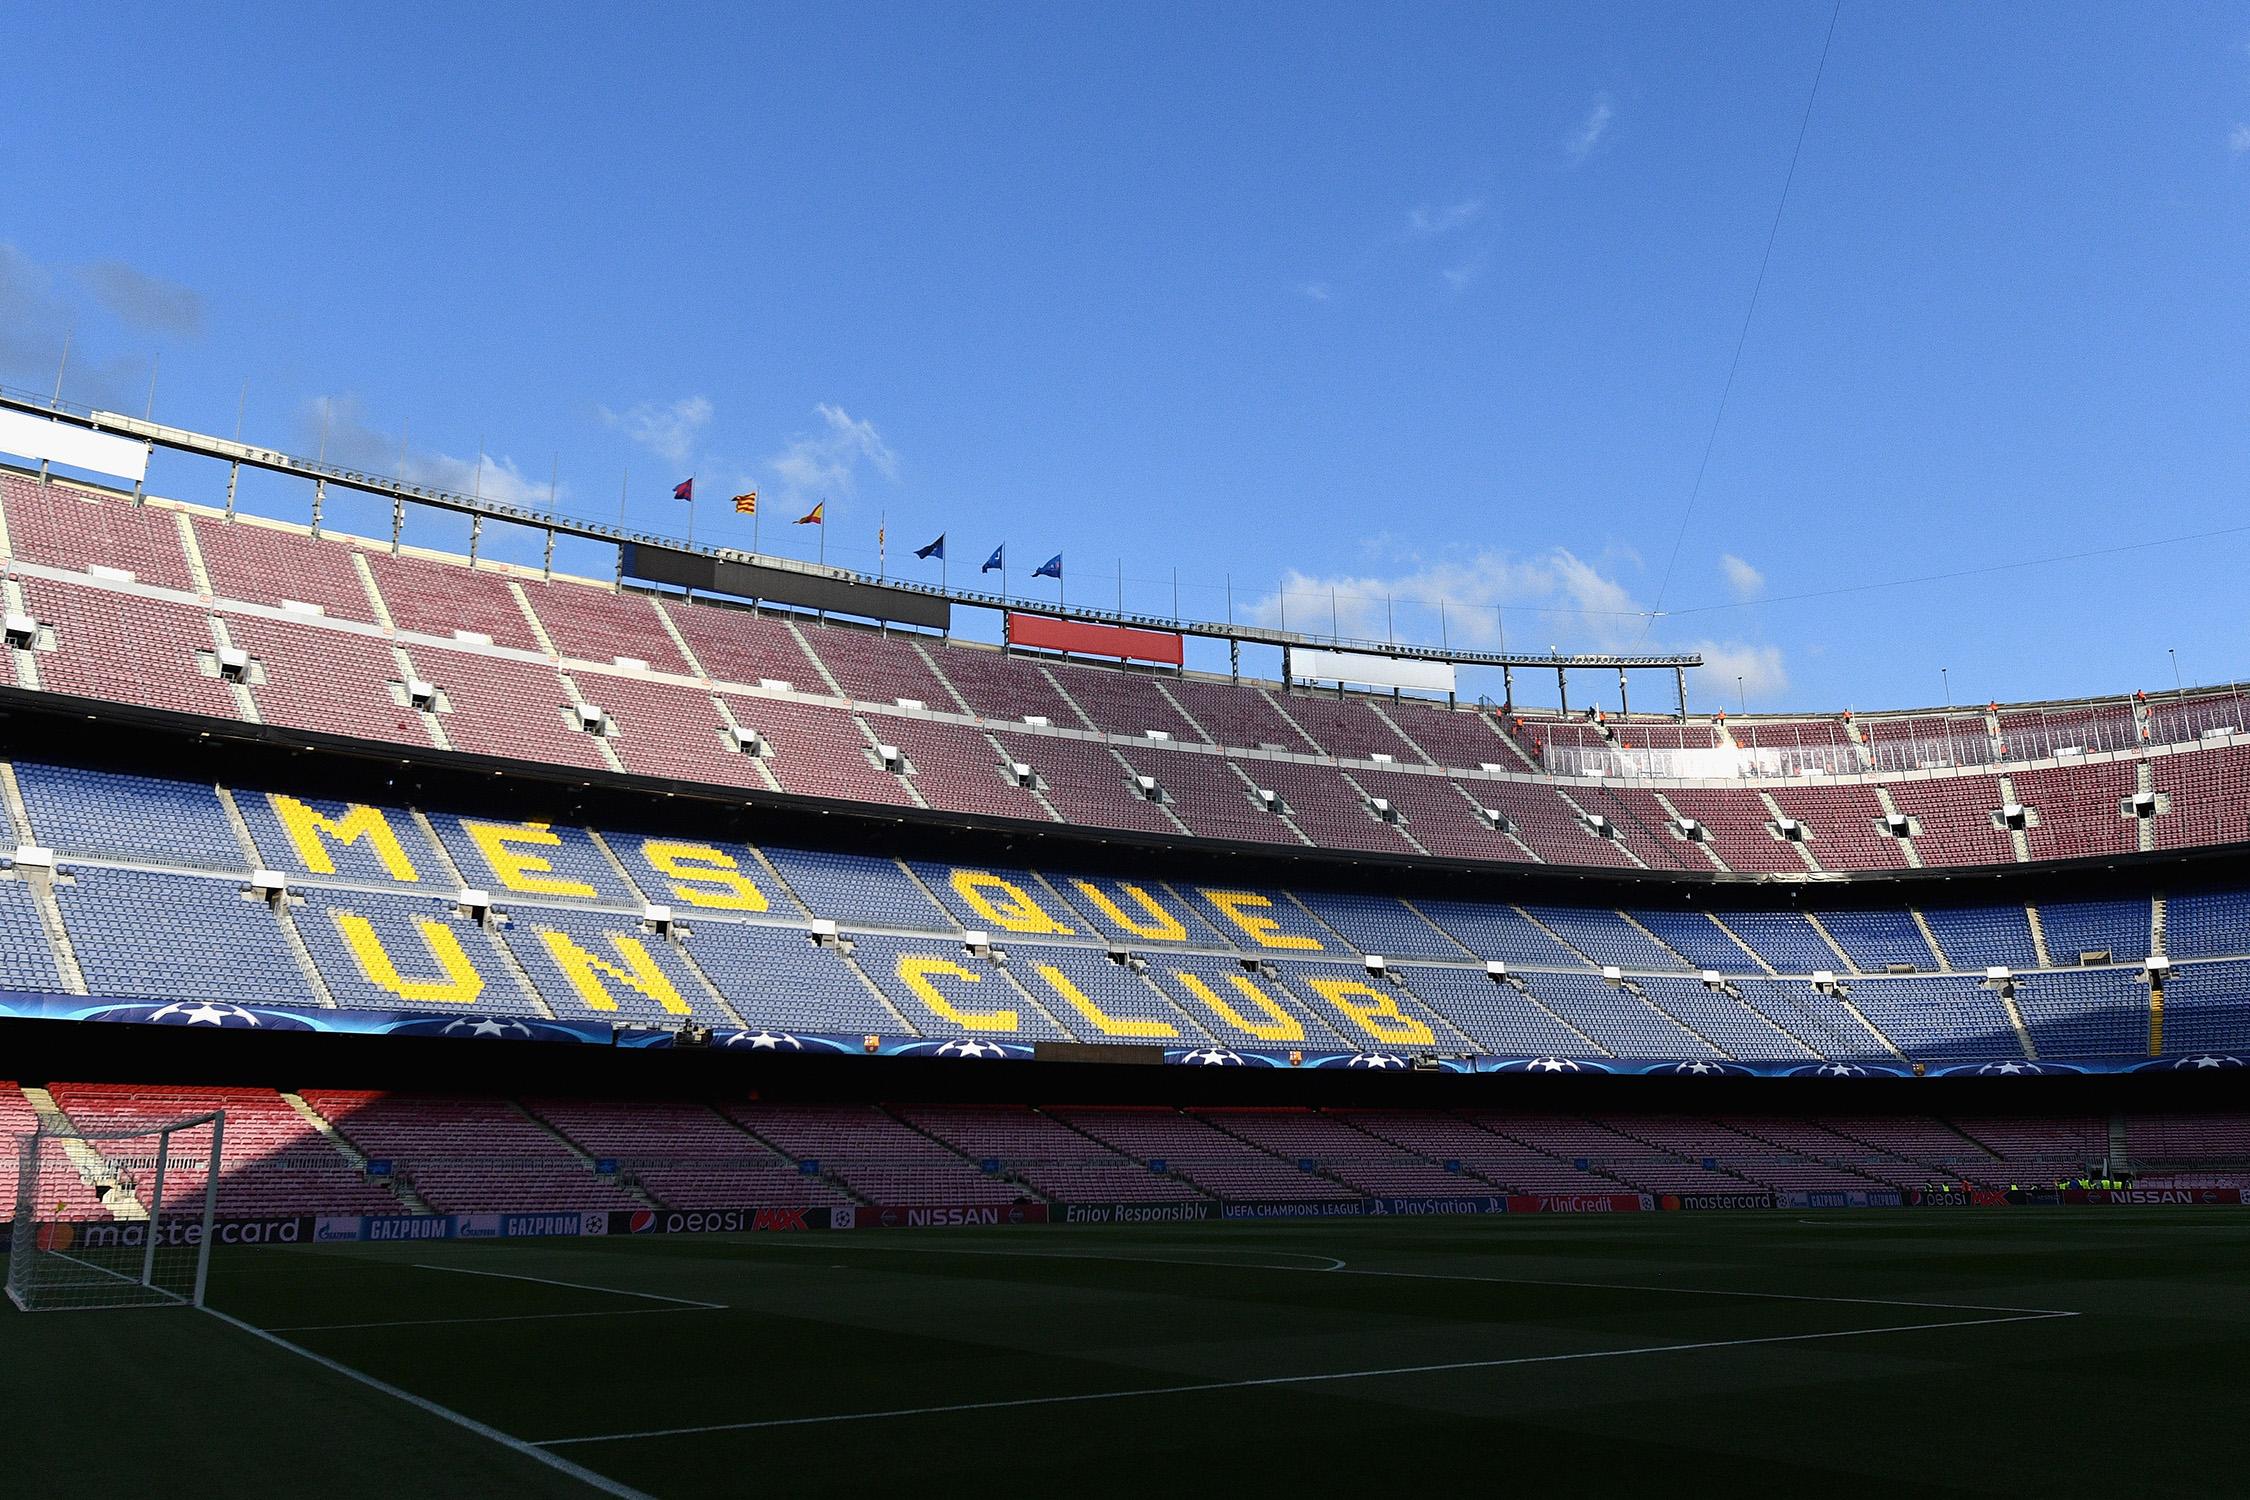 €116.9 million